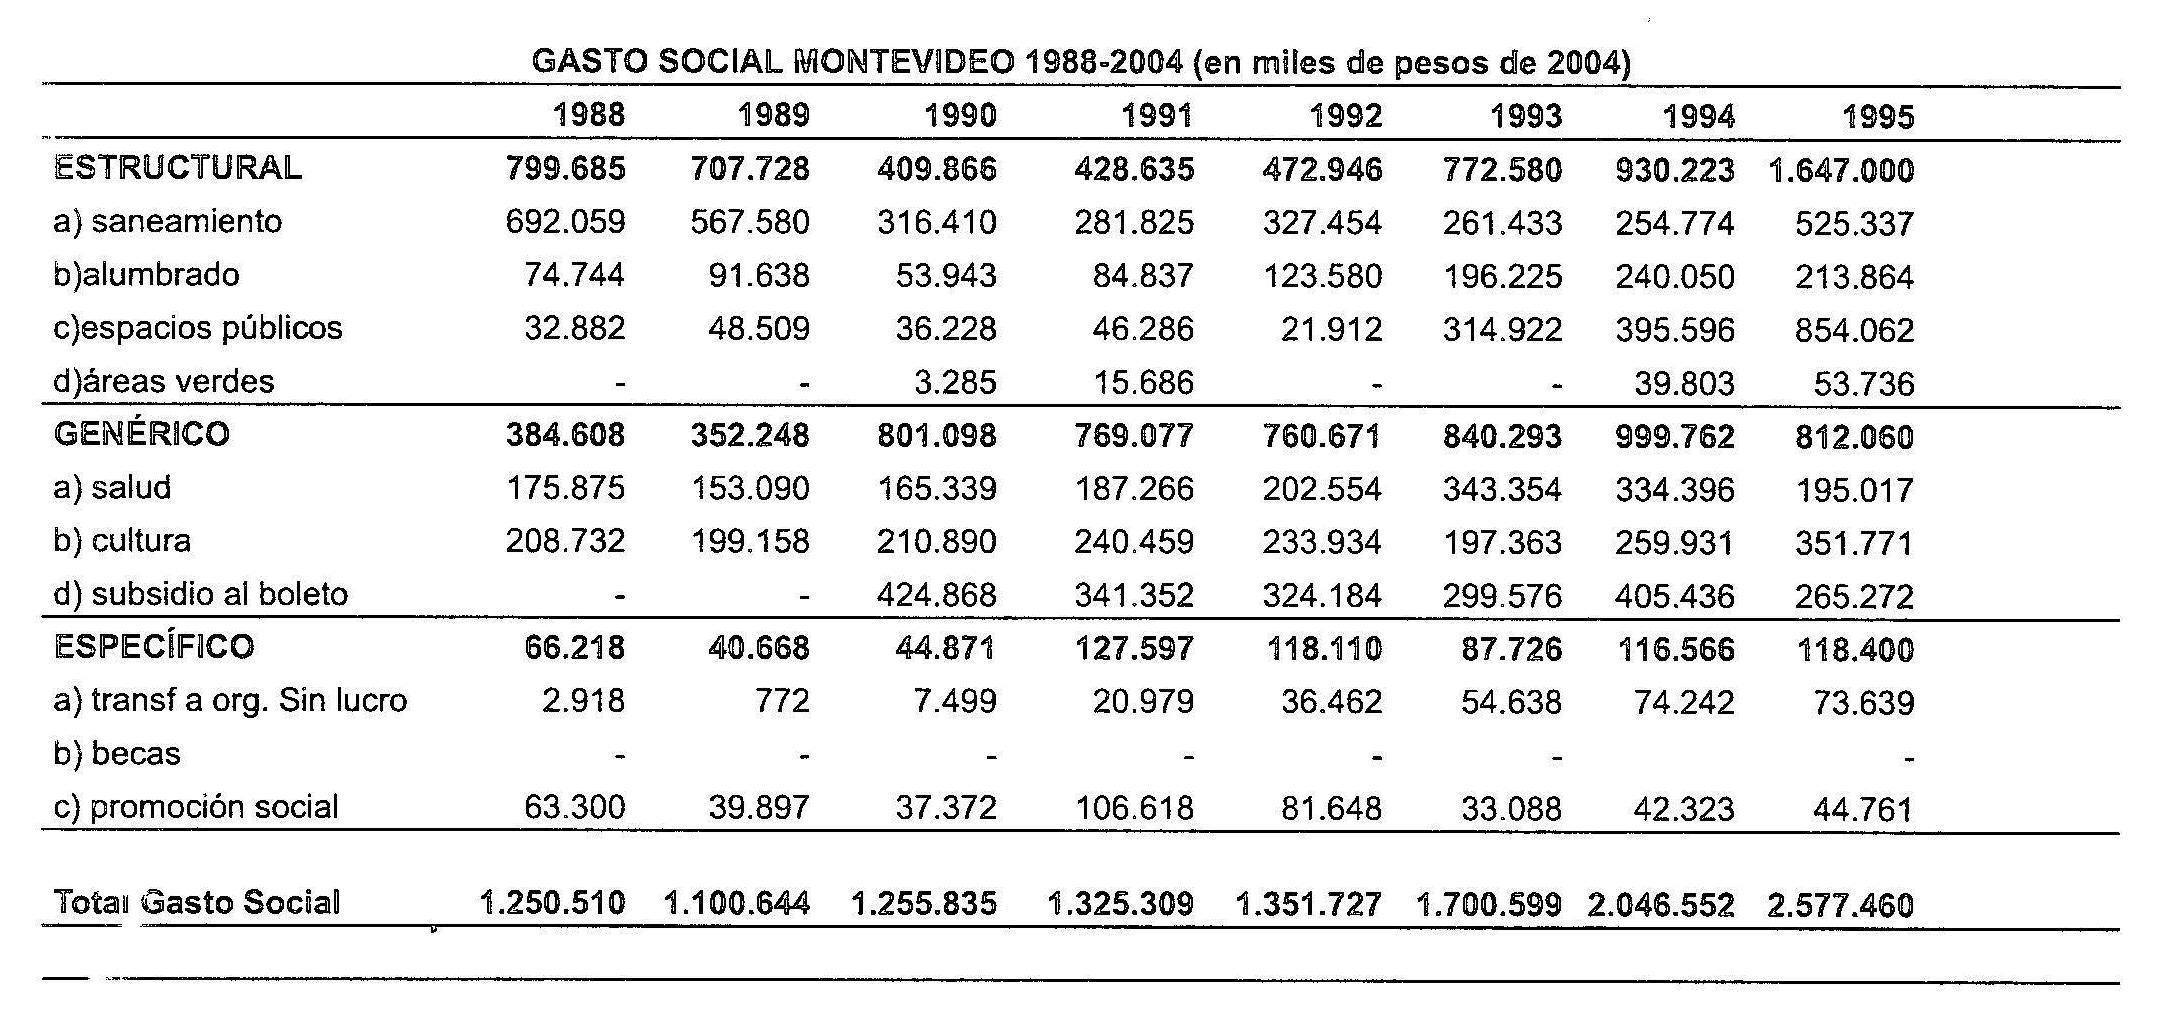 ziccardi pobreza desigualdad social: